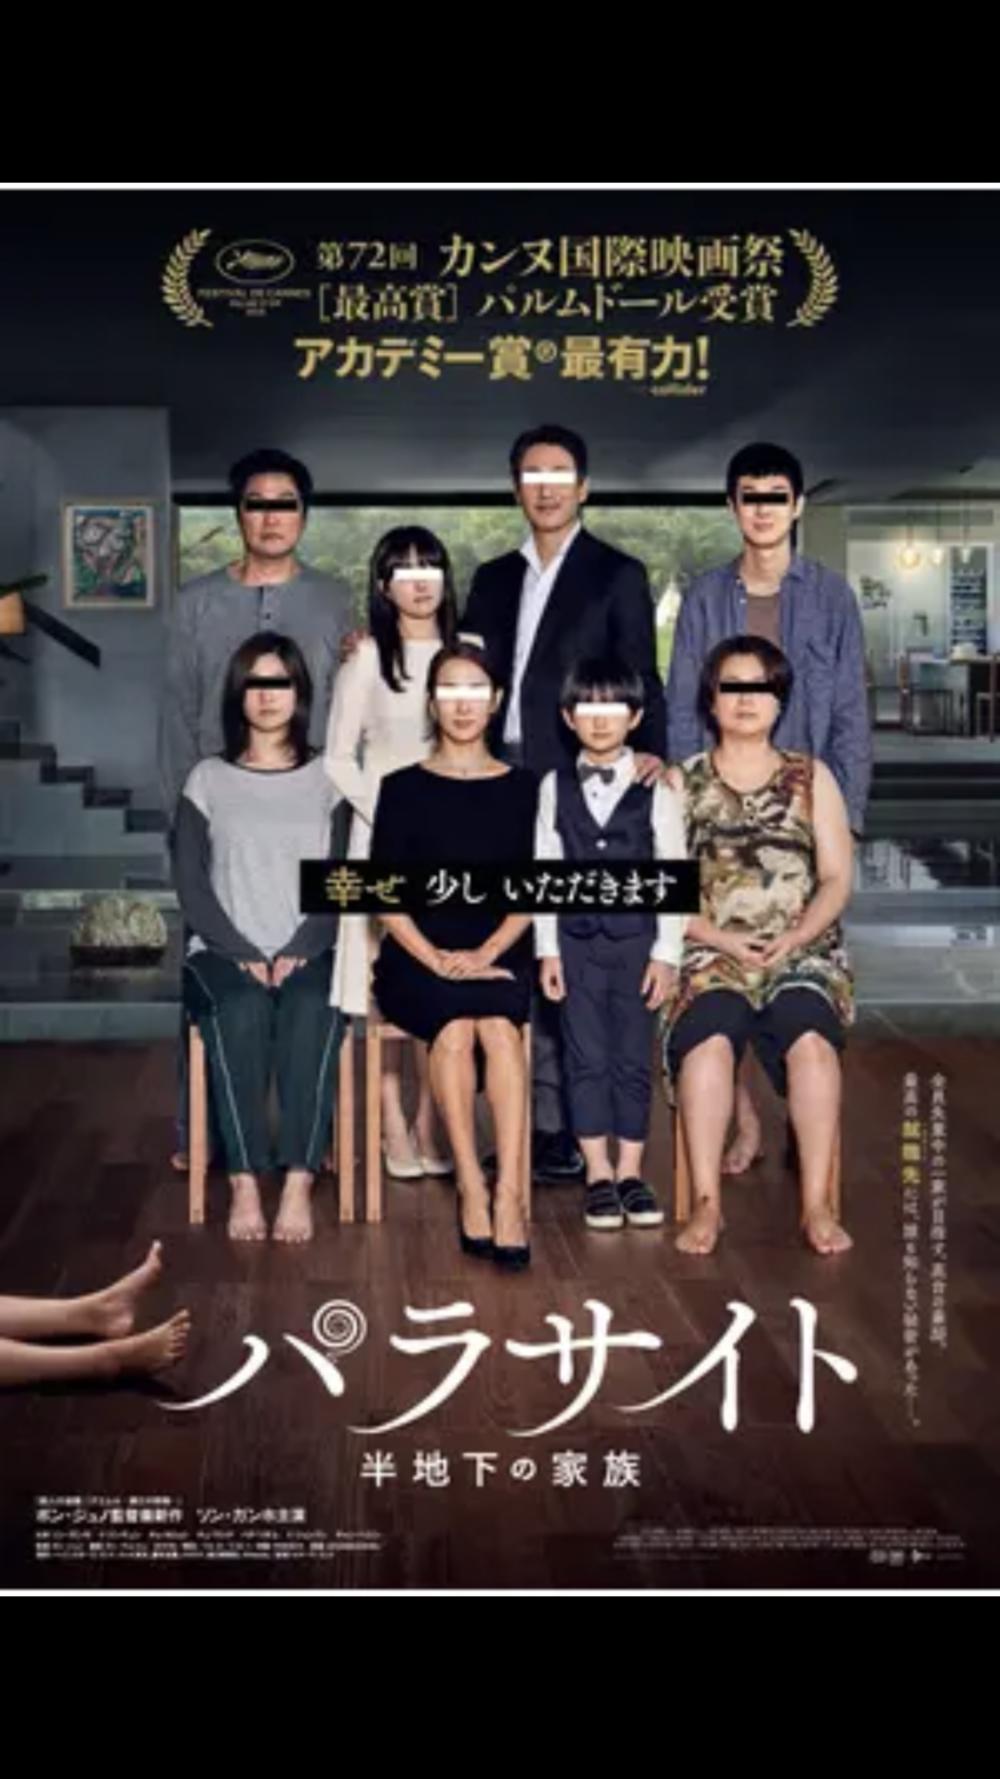 映画鑑賞会「パラサイト半地下の家族」伏見ミリオン座(上映時間決定!)